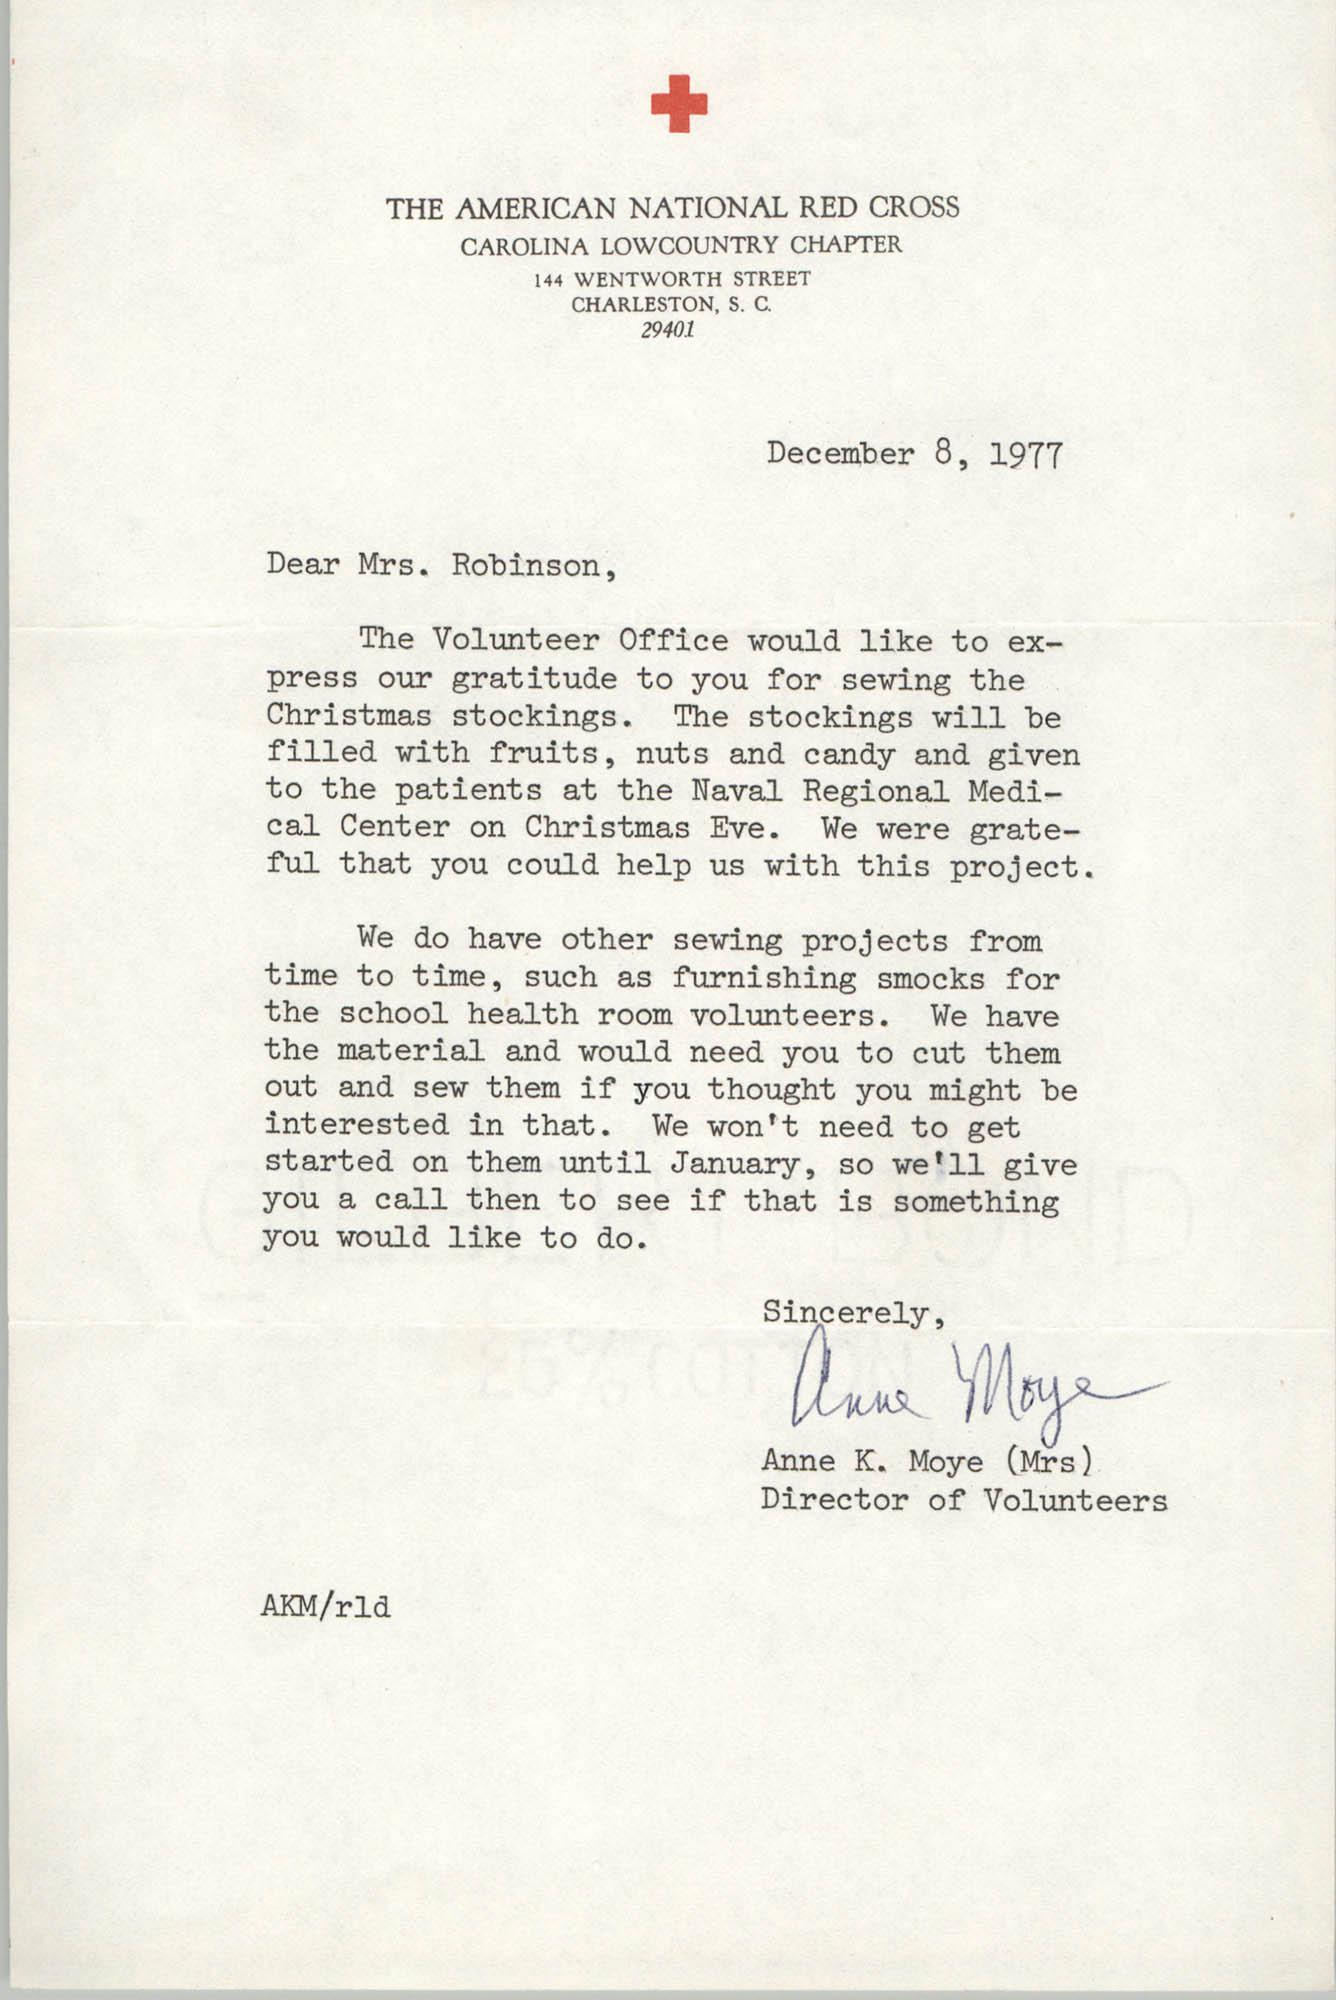 Letter from Anne K. Moye to Bernice Robinson, December 8, 1977